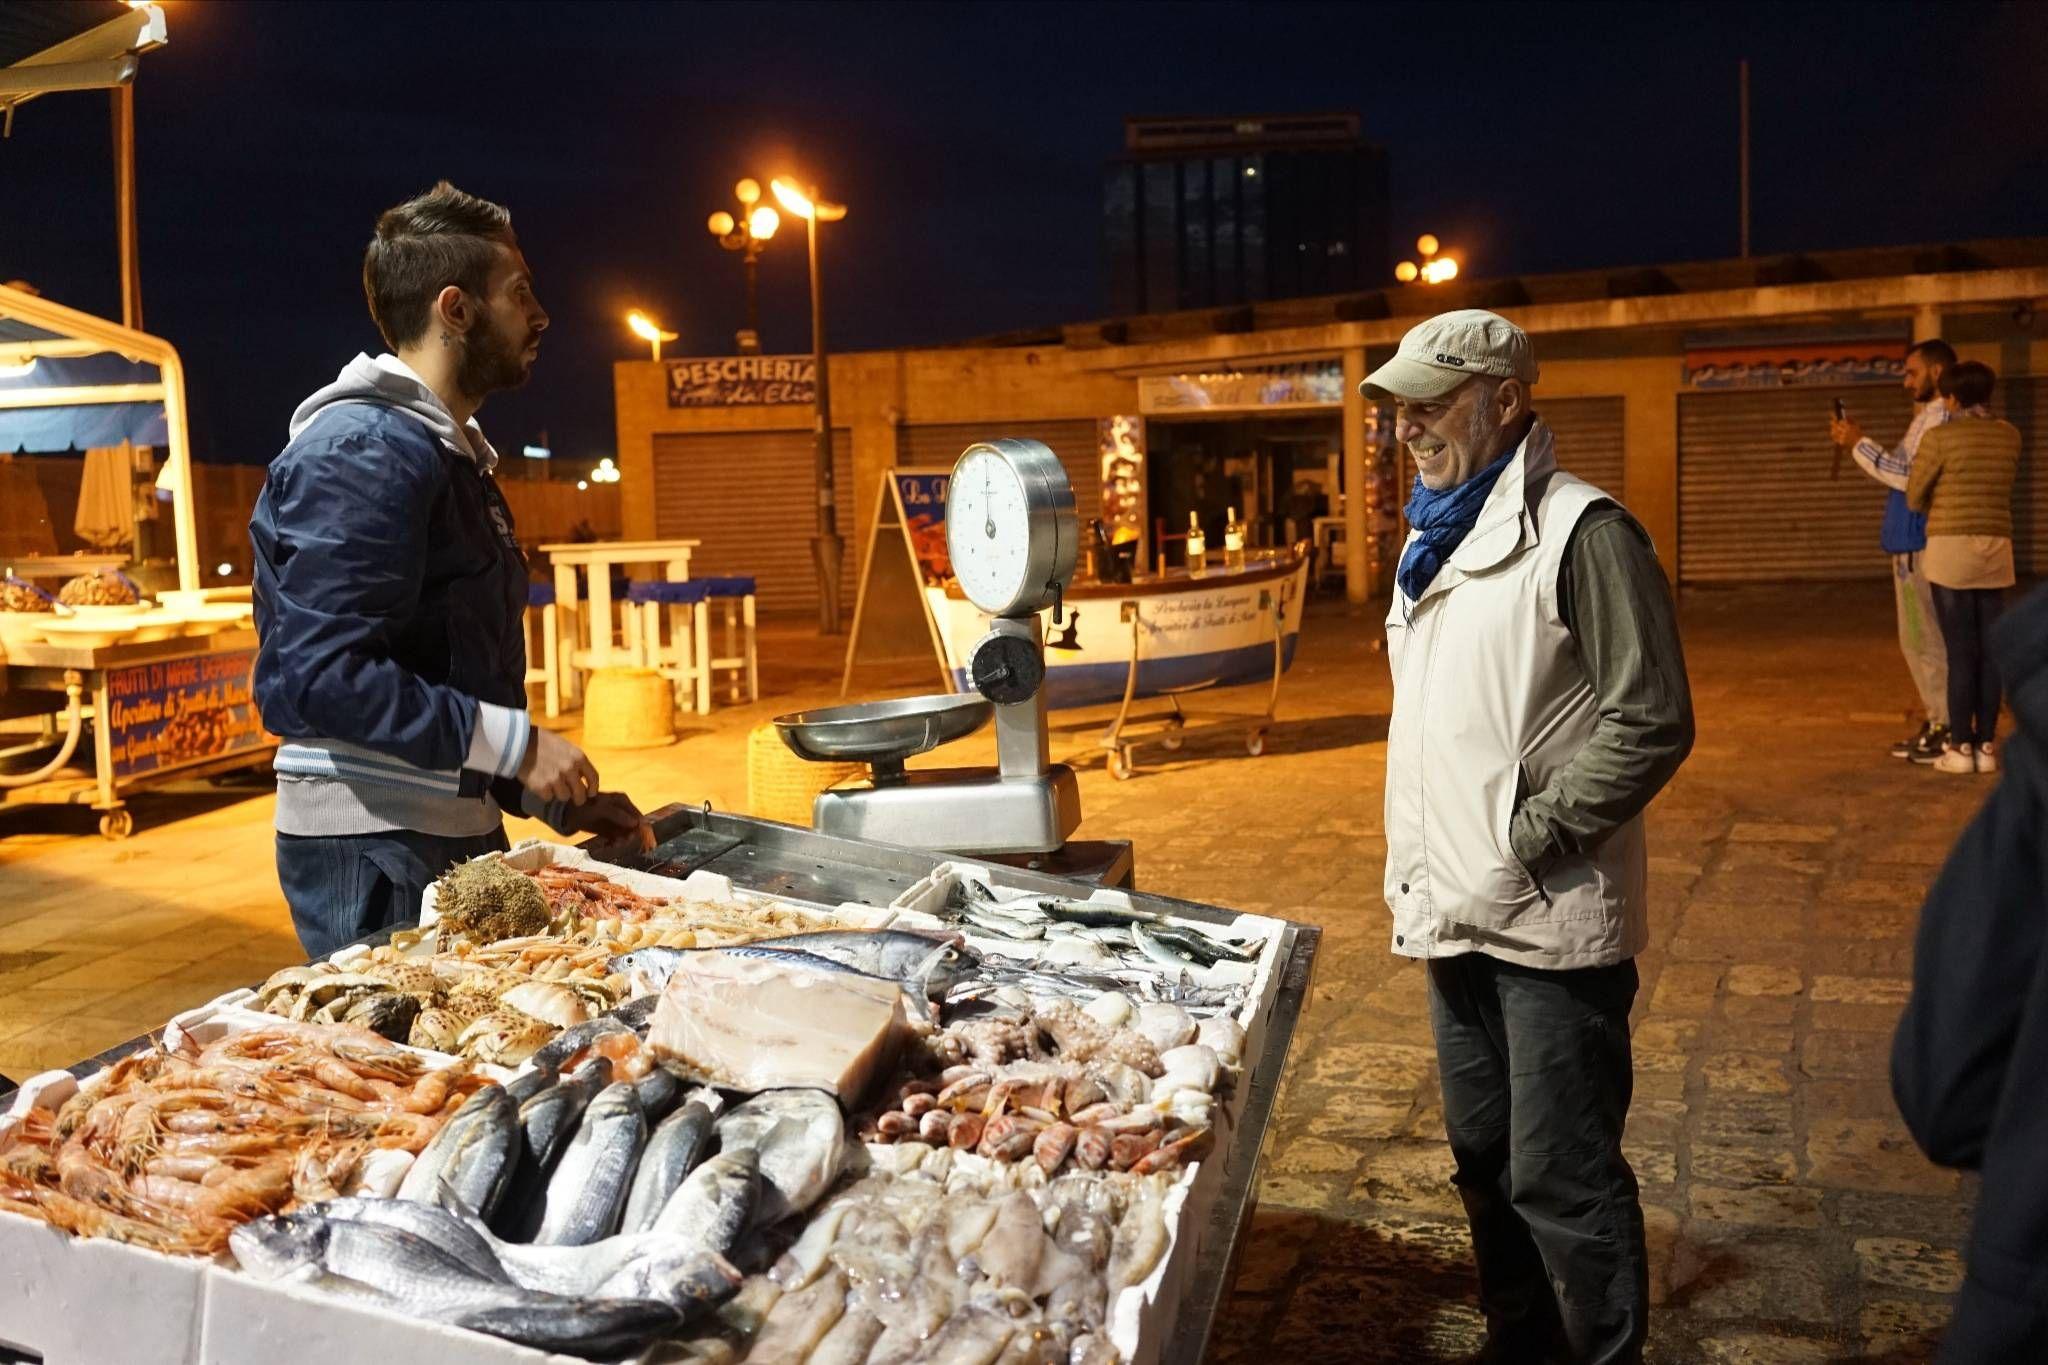 Nice K che und Kultur Apuliens kennenlernen Wochenm rkte durchst bern beim Bauern kaufen St dte besichtigen und